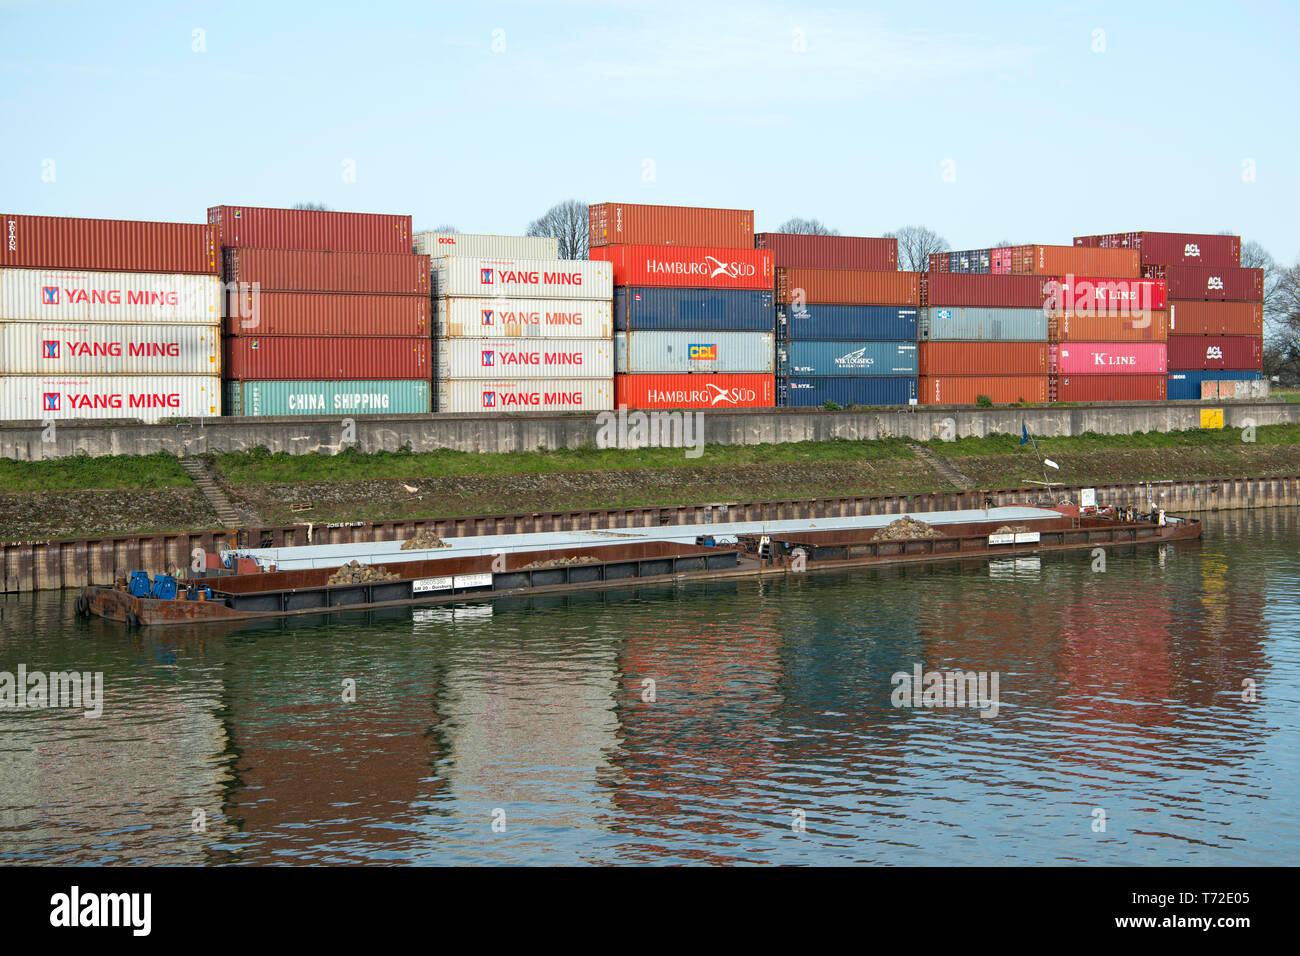 Deutschland, Köln, Niehl, Hafen - Stock Image